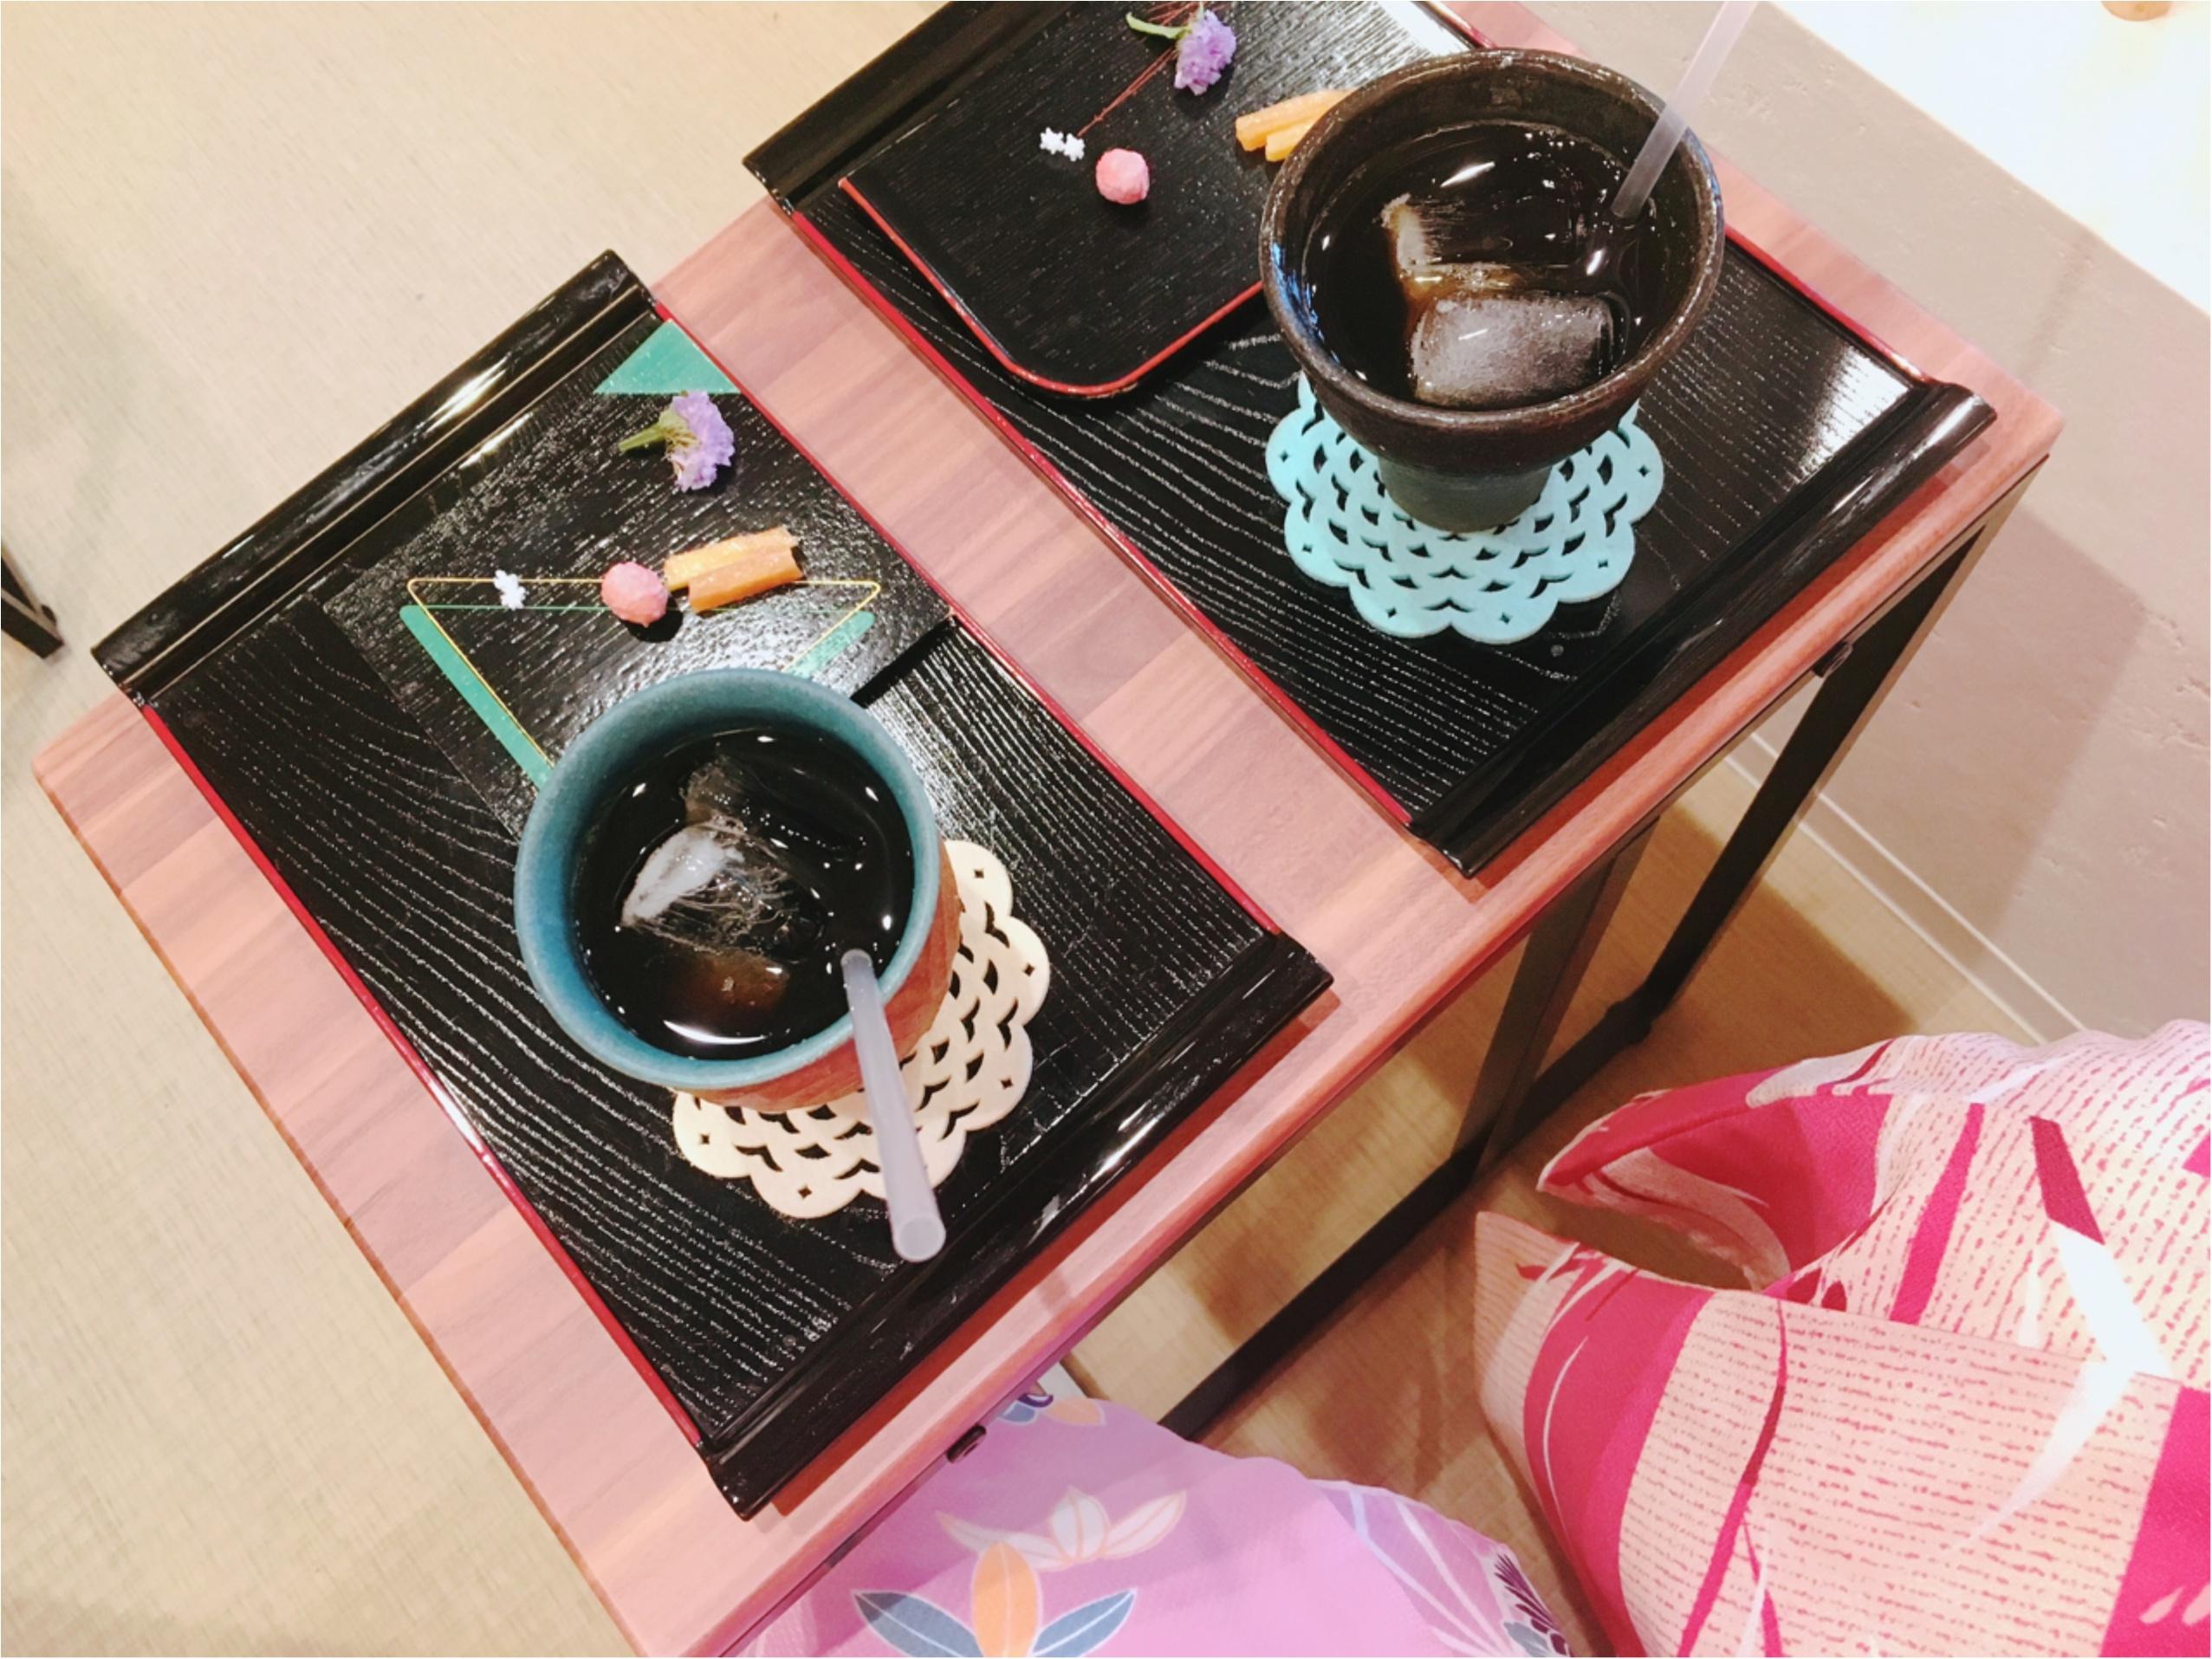 京都女子旅特集《2019年版》- 旅する女子がおすすめする、インスタ映えスポットやカフェ、レンタル着物は?_38